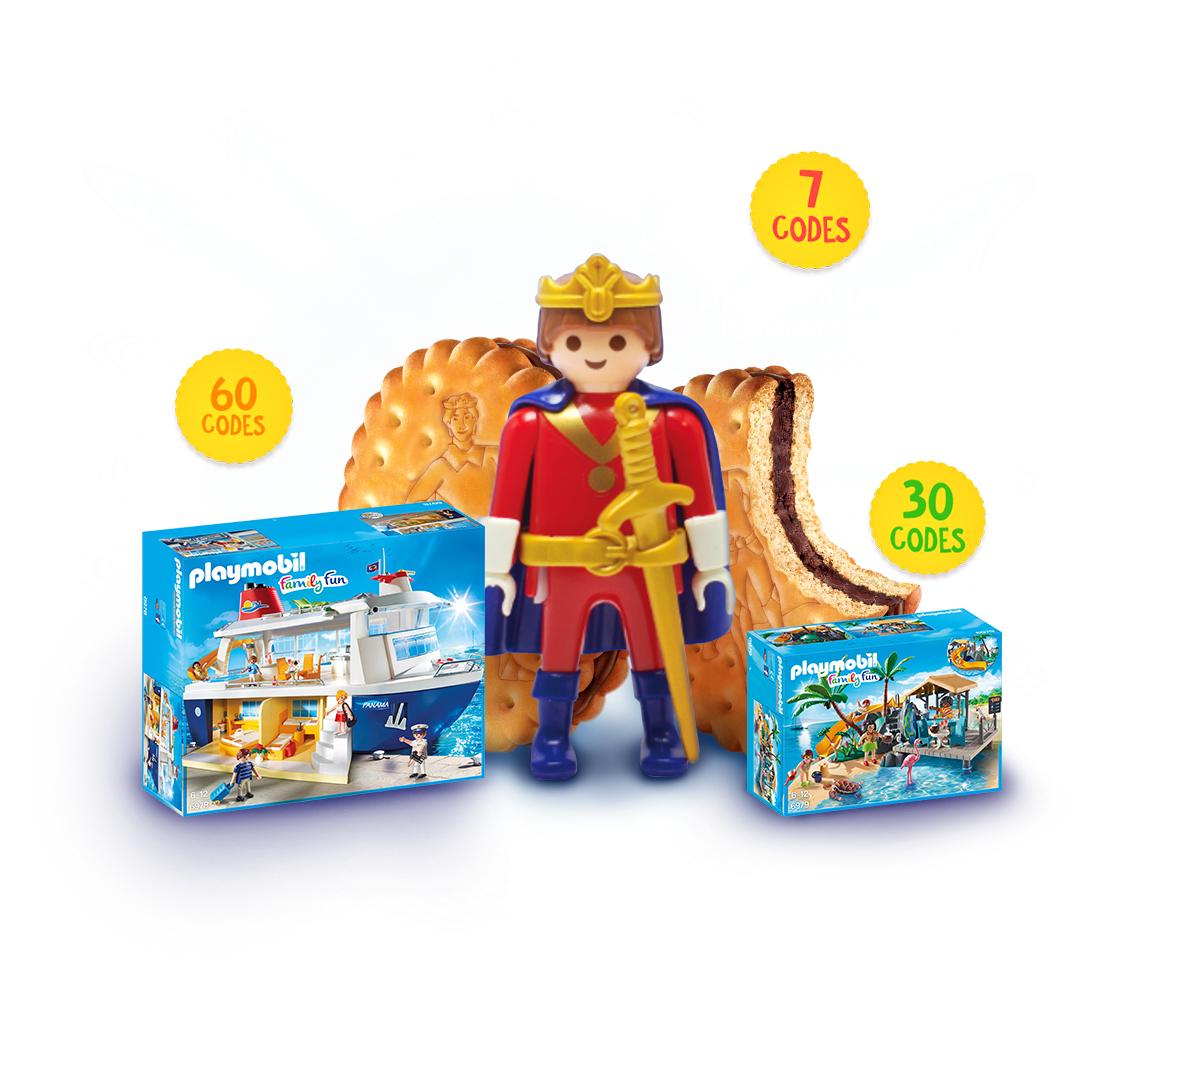 Spaar voor je Playmobil cadeau bij Lu Prince